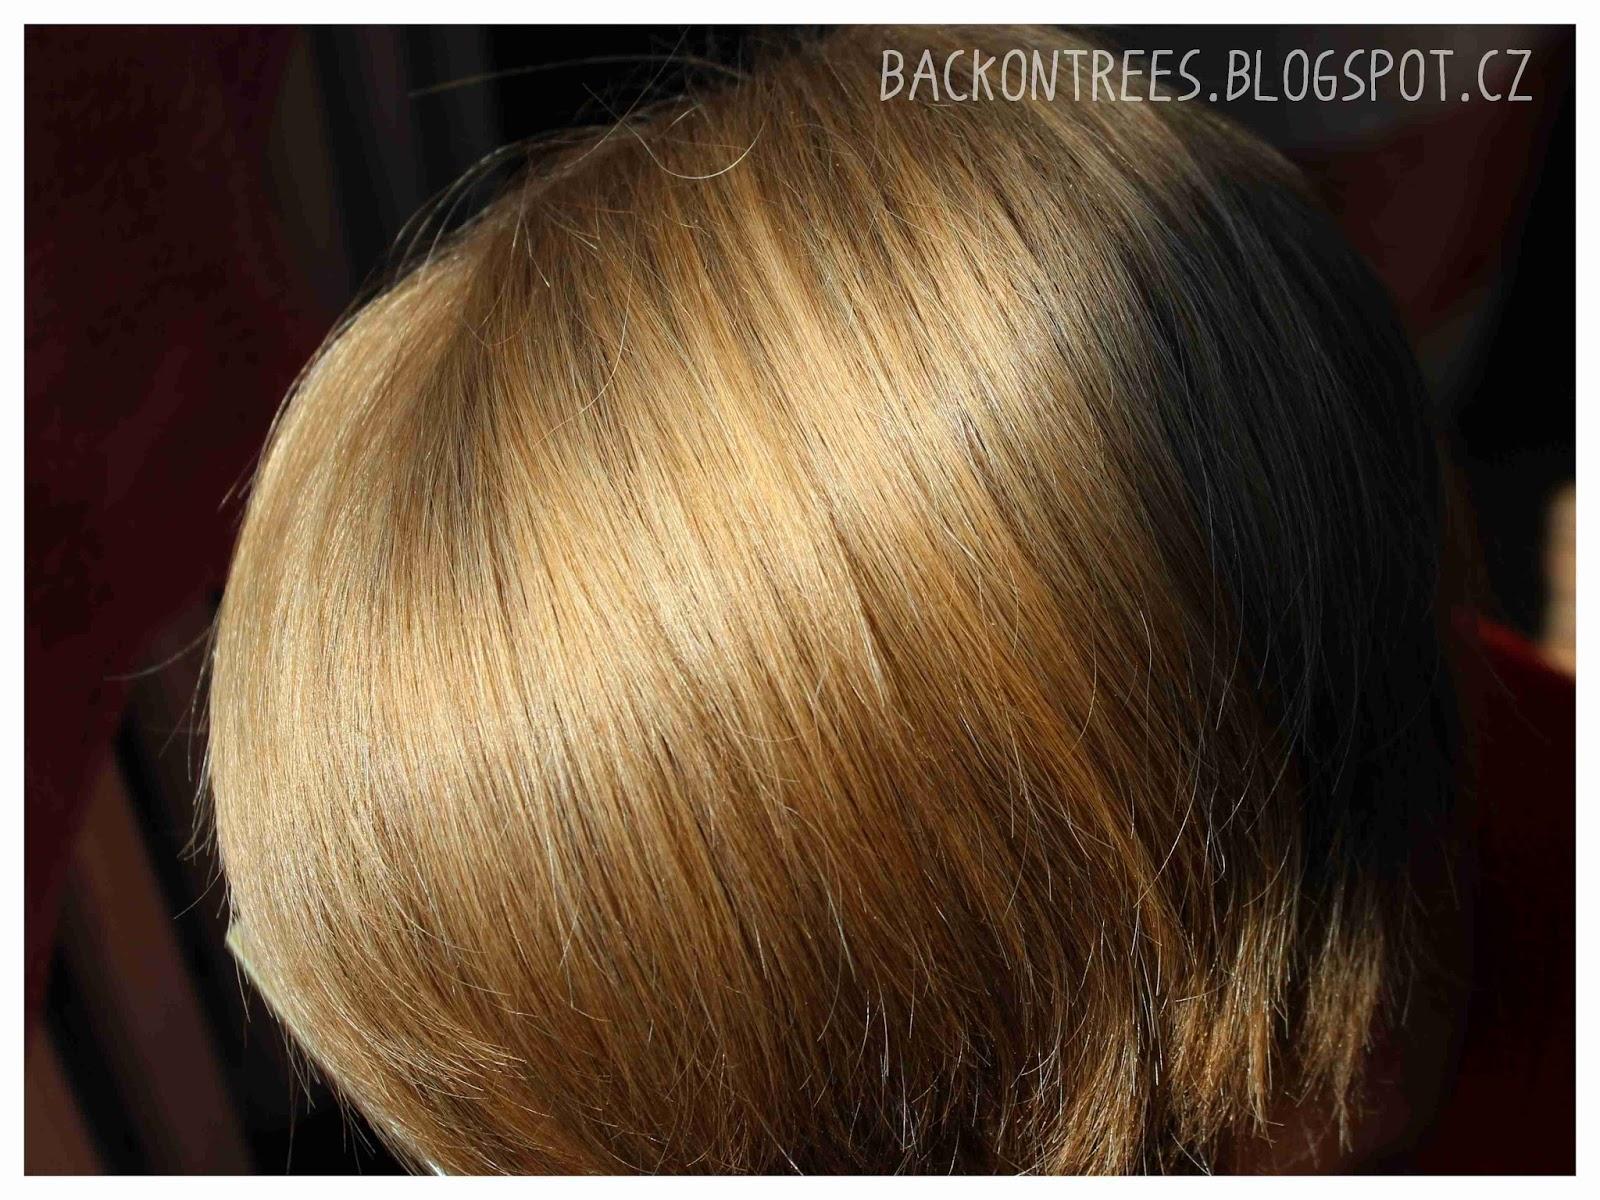 jak často si mýt vlasy